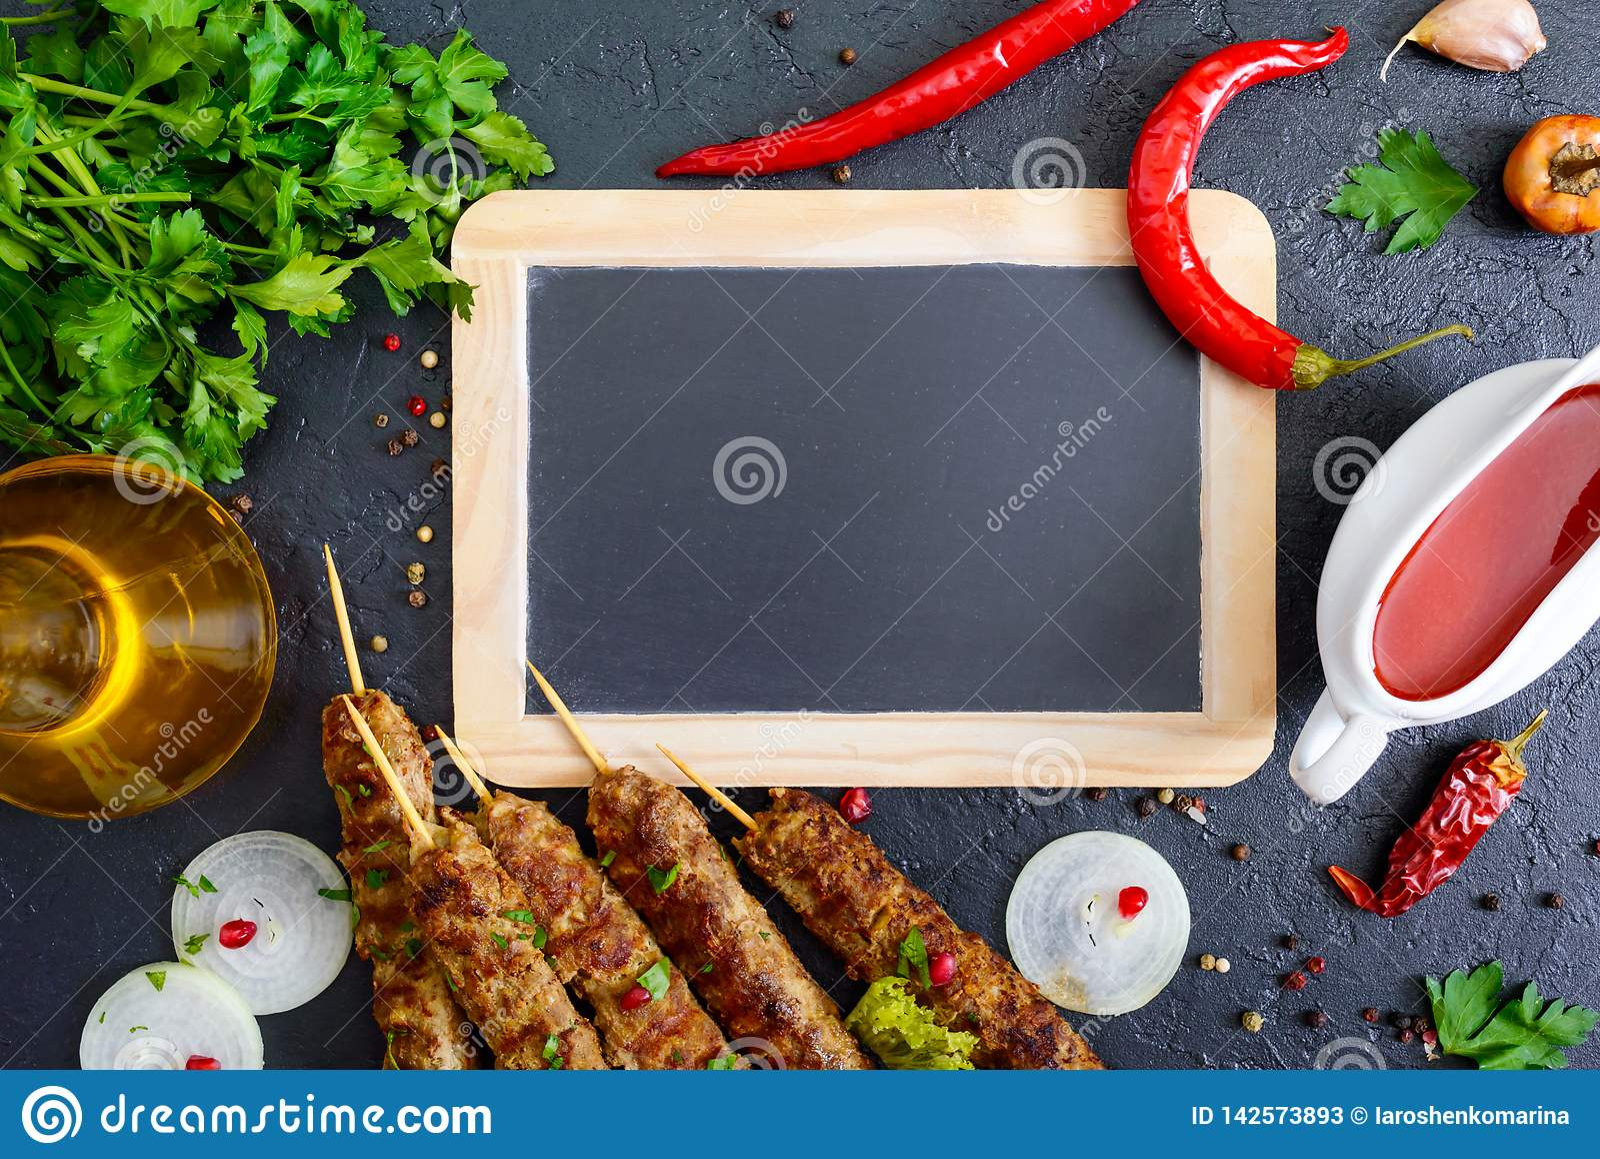 El Kebab De Lula Es Un Plato árabe Tradicional Shashlik En Los Pinchos De Madera Salsa De La Carne De Tomate Picante En Fondo Ne Imagen De Archivo Imagen De Delicioso